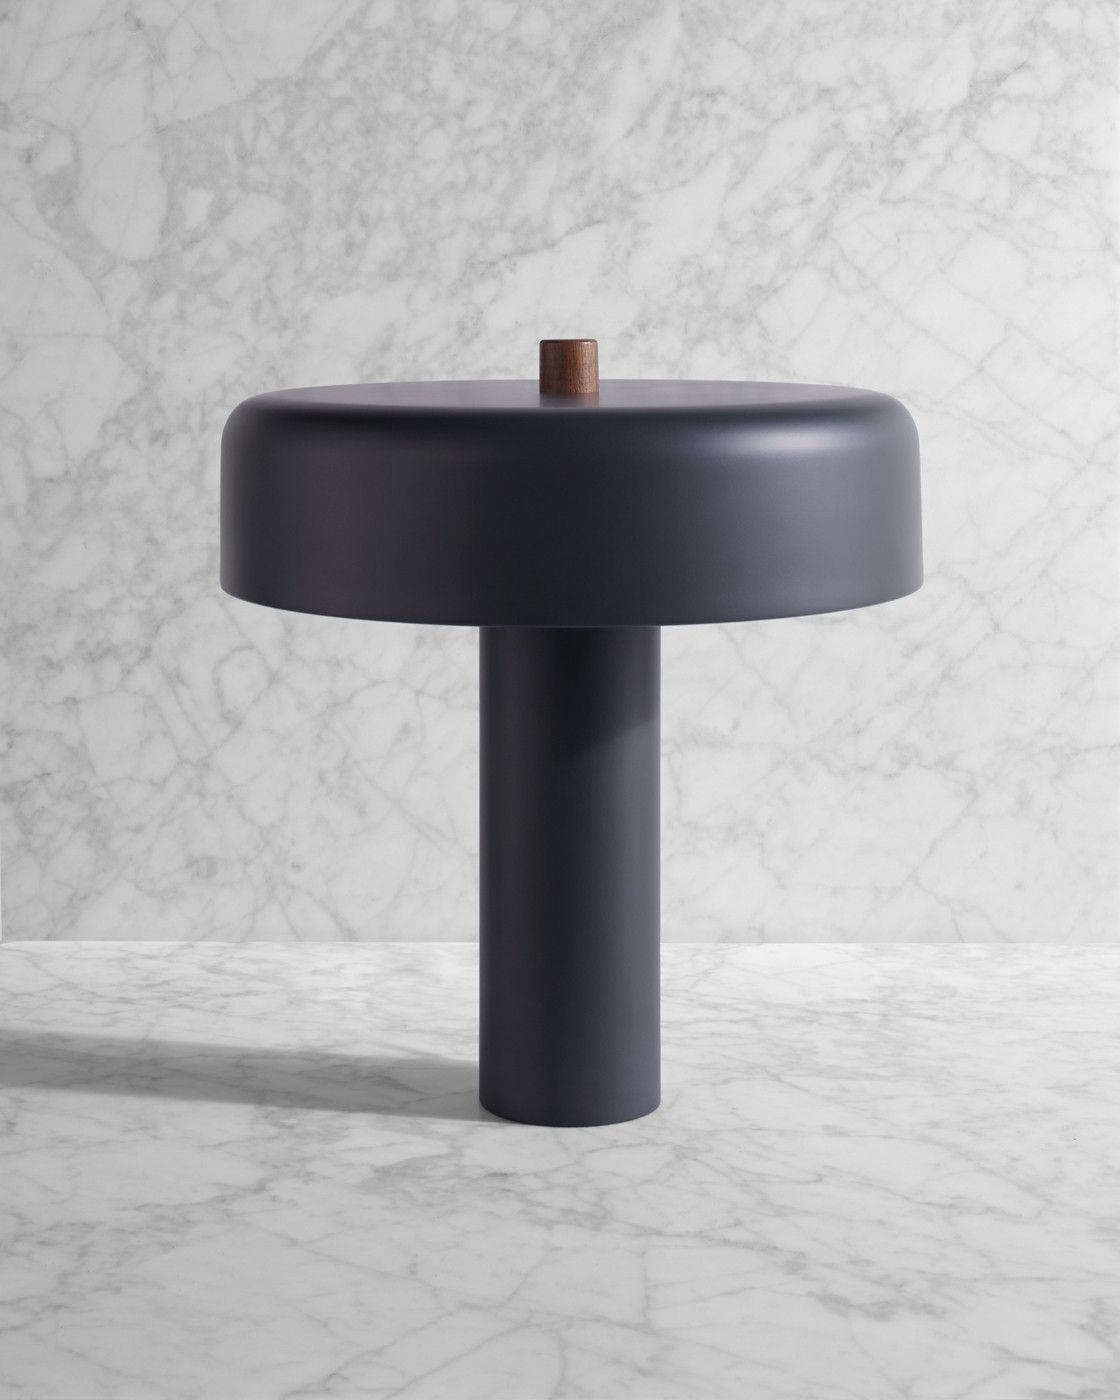 Black Metal Bedside Tables: BlueDot Punk Table Lamp In Black. $300.